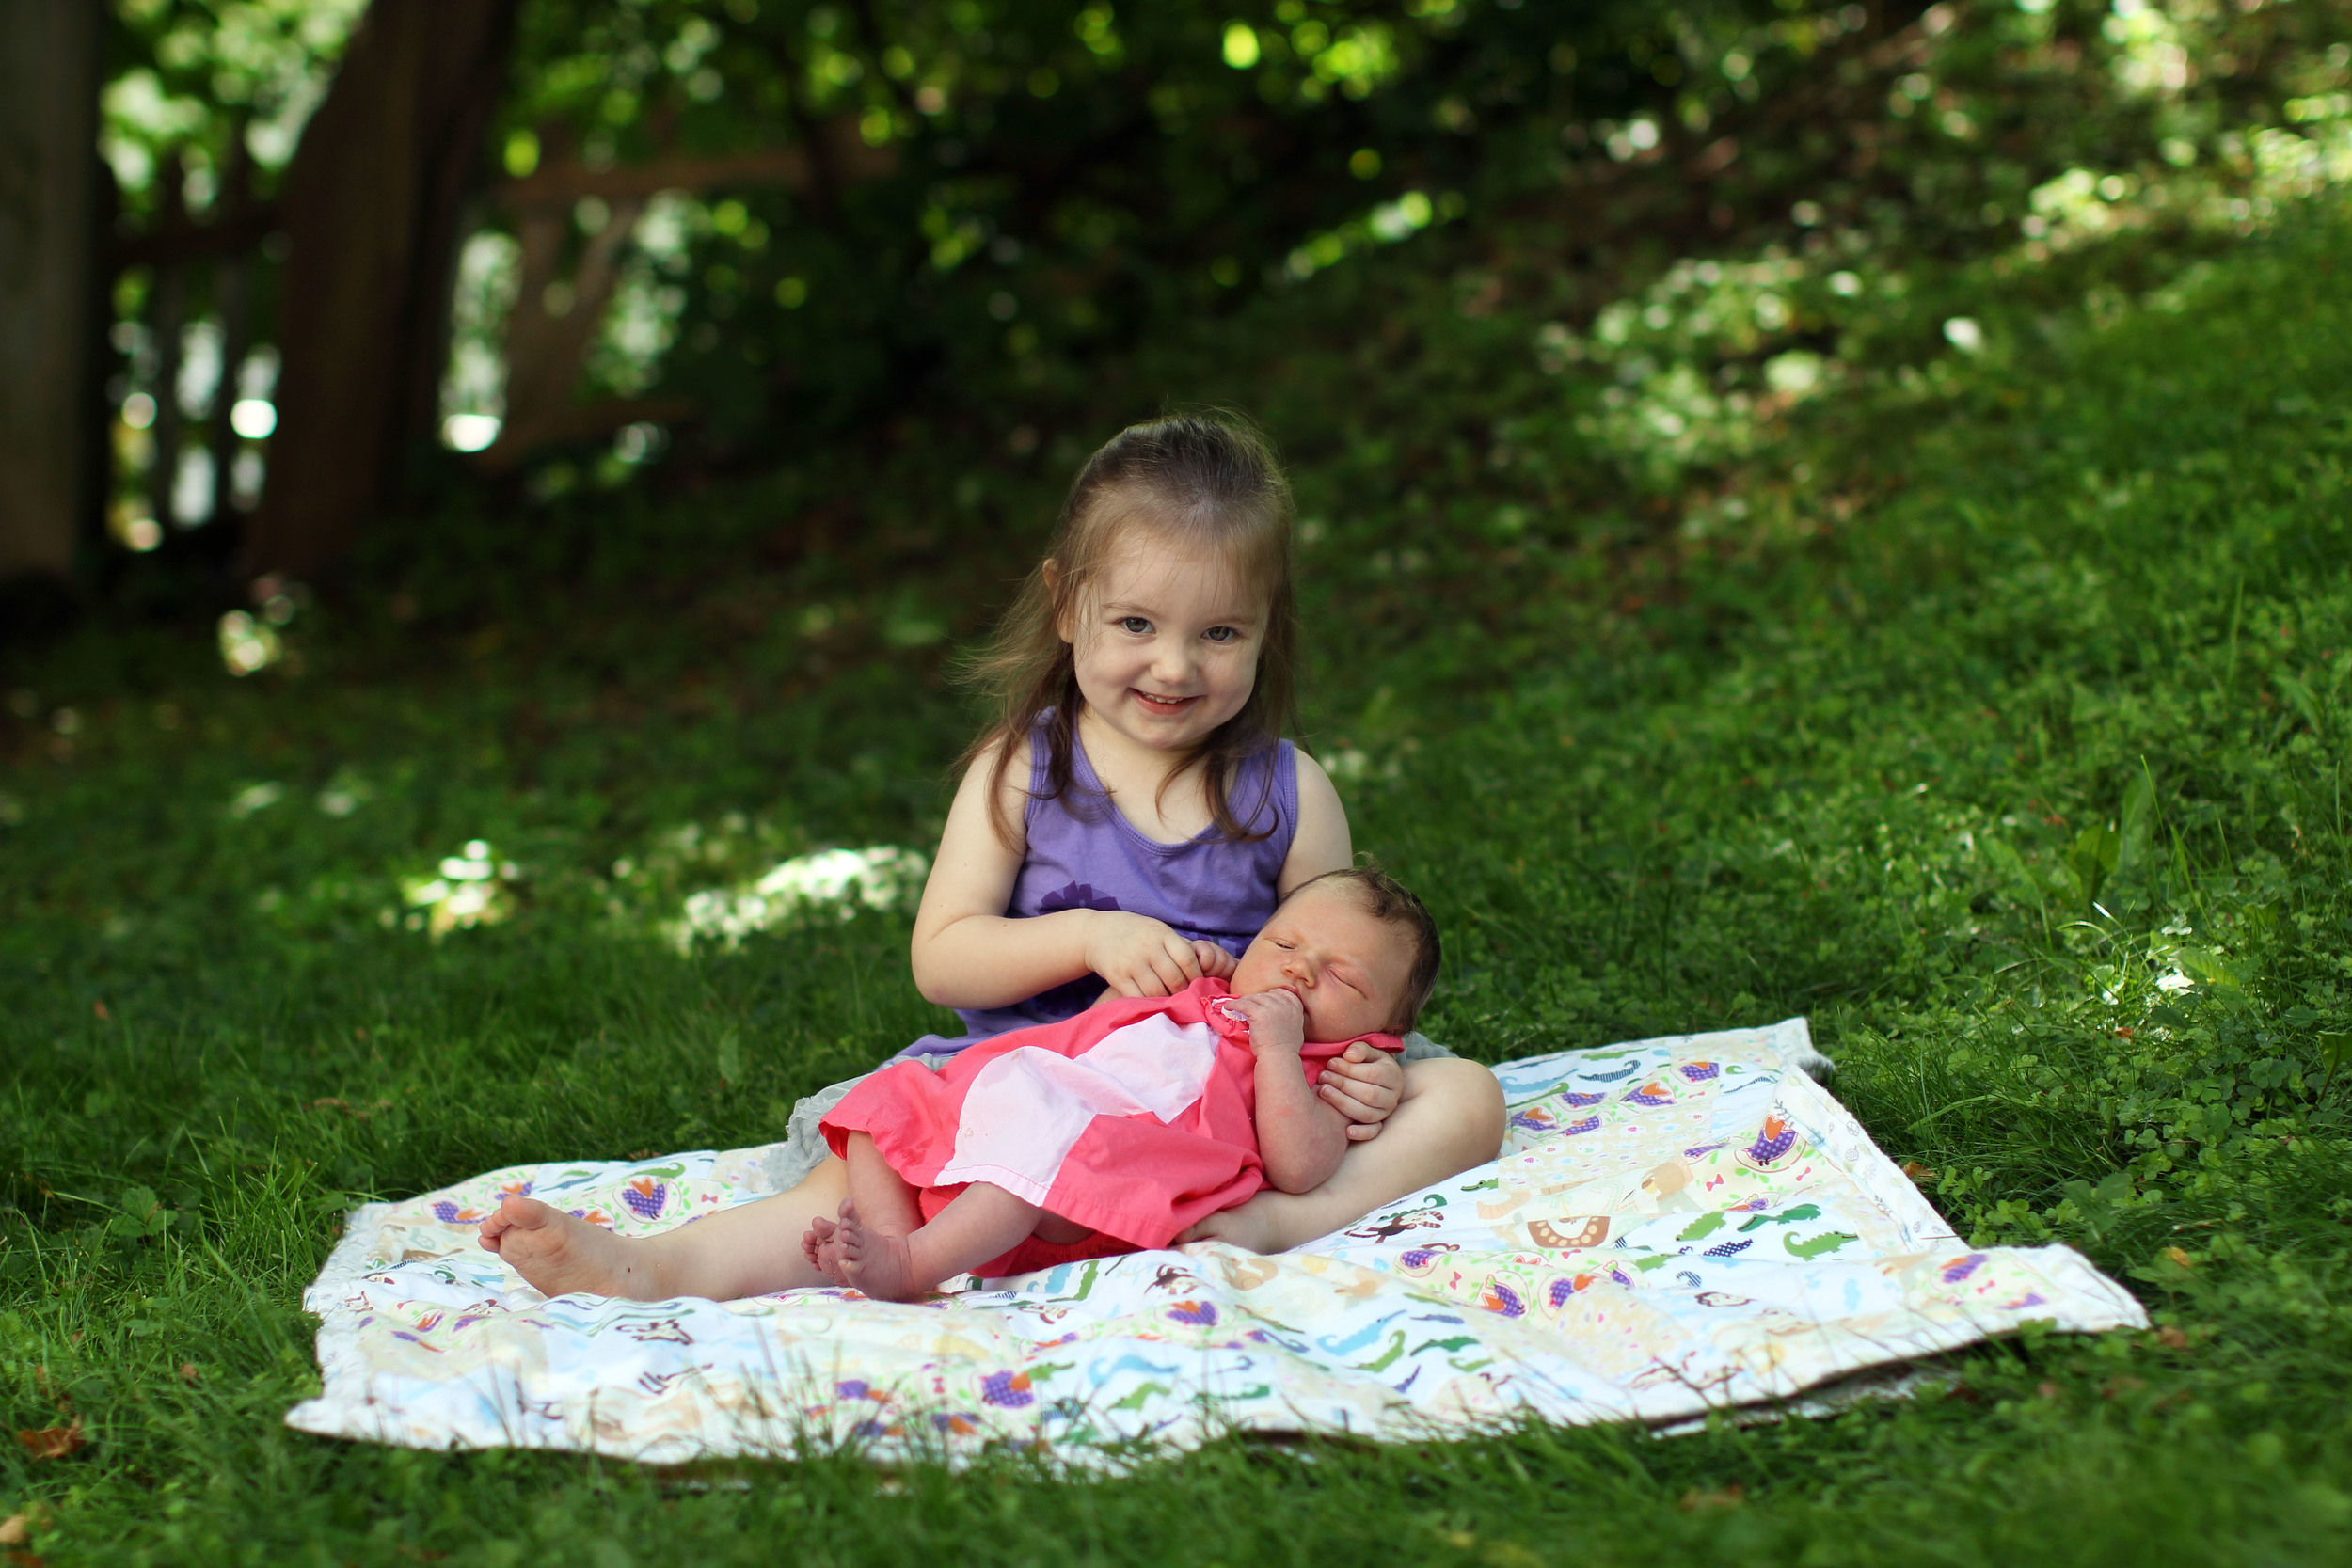 Sisters lawn smiles Print .JPG